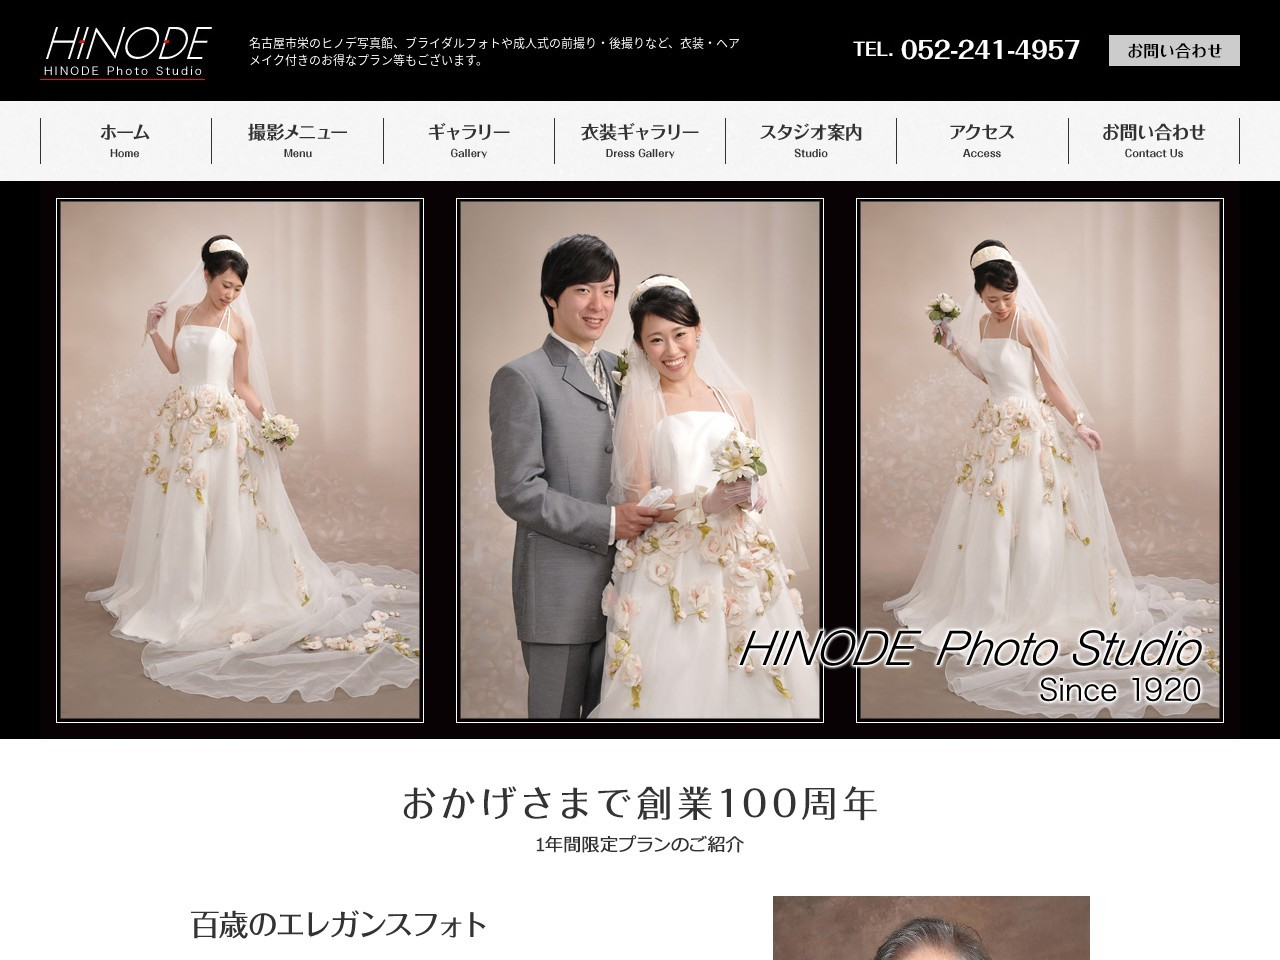 株式会社ヒノデ写真館